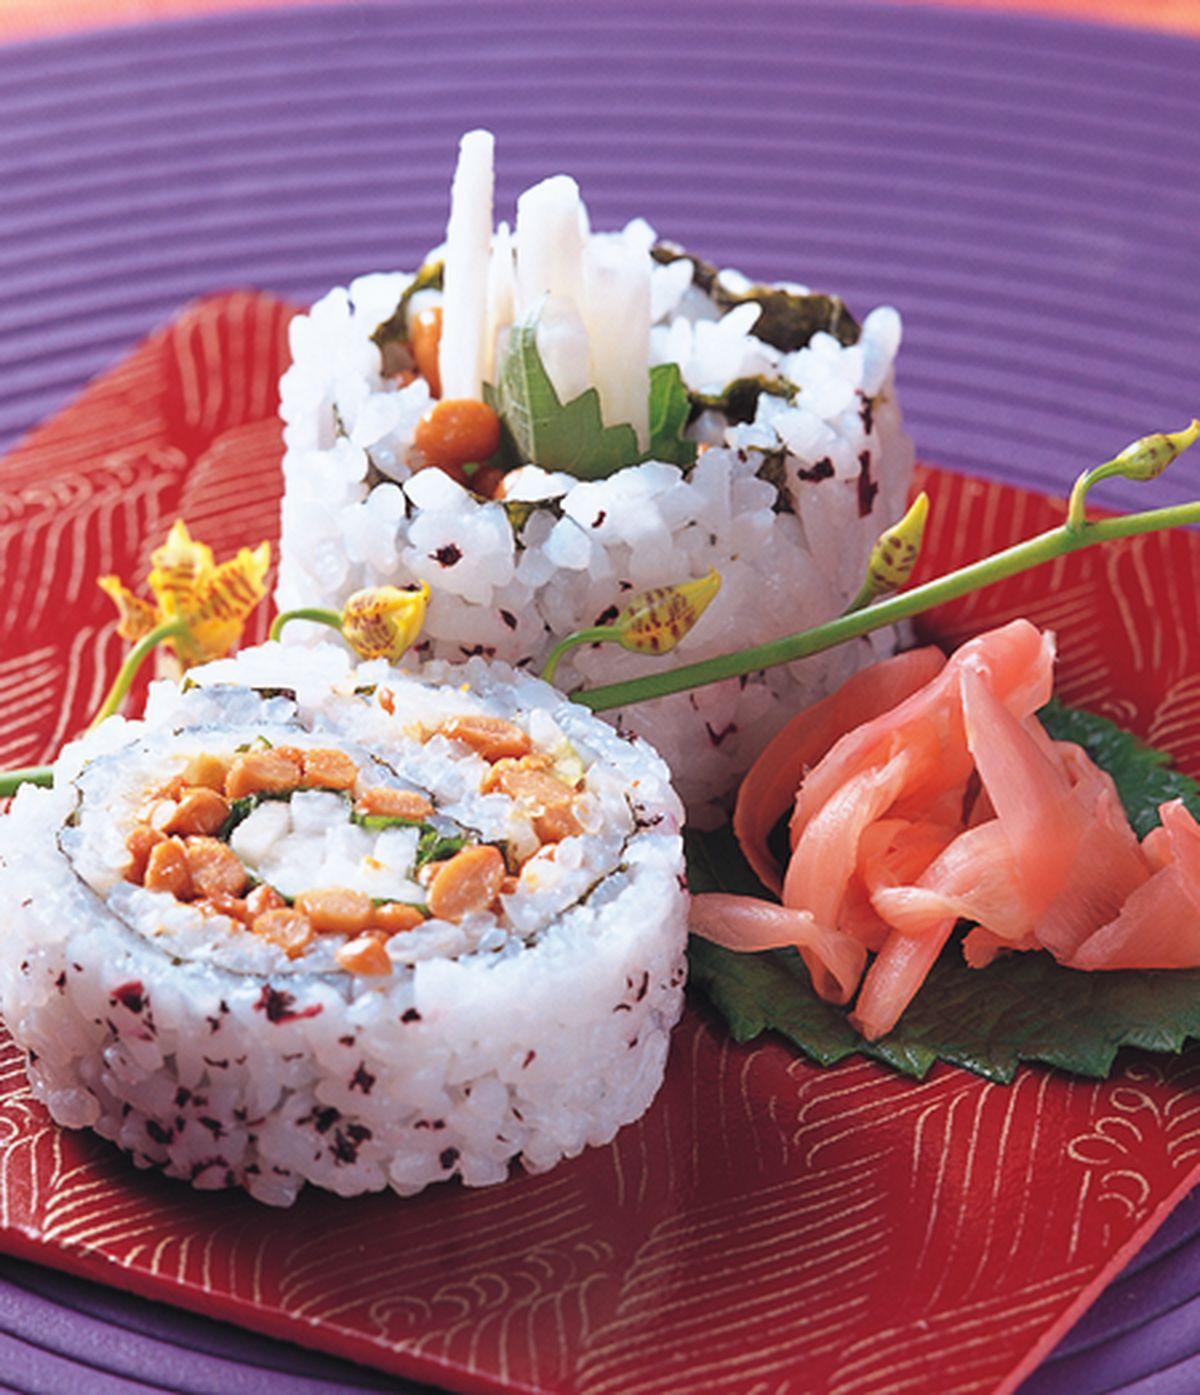 食譜:納豆山藥壽司卷